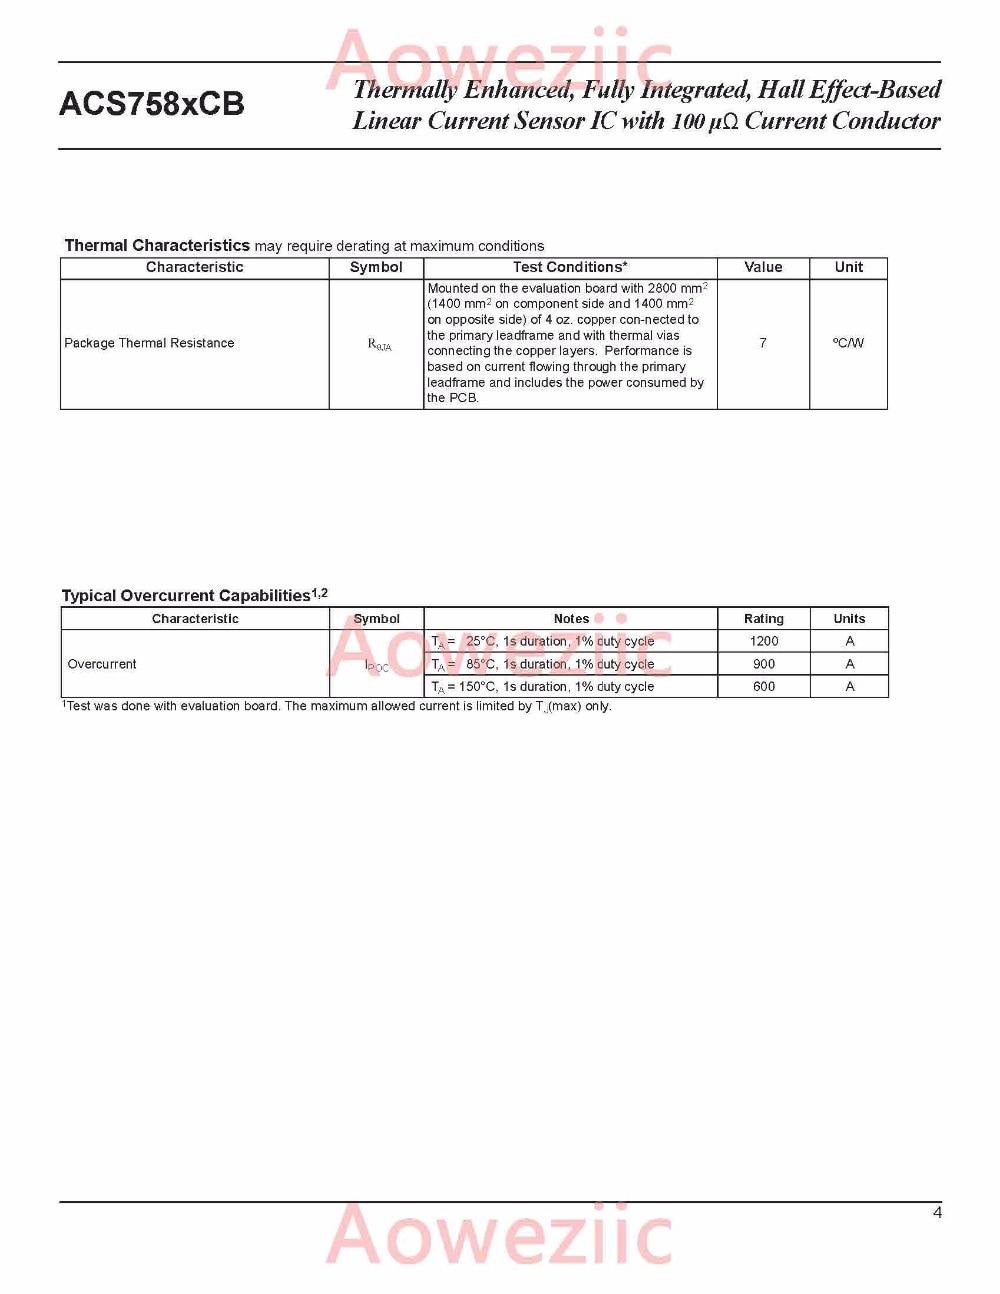 ACS758LCB  -  (2)__04